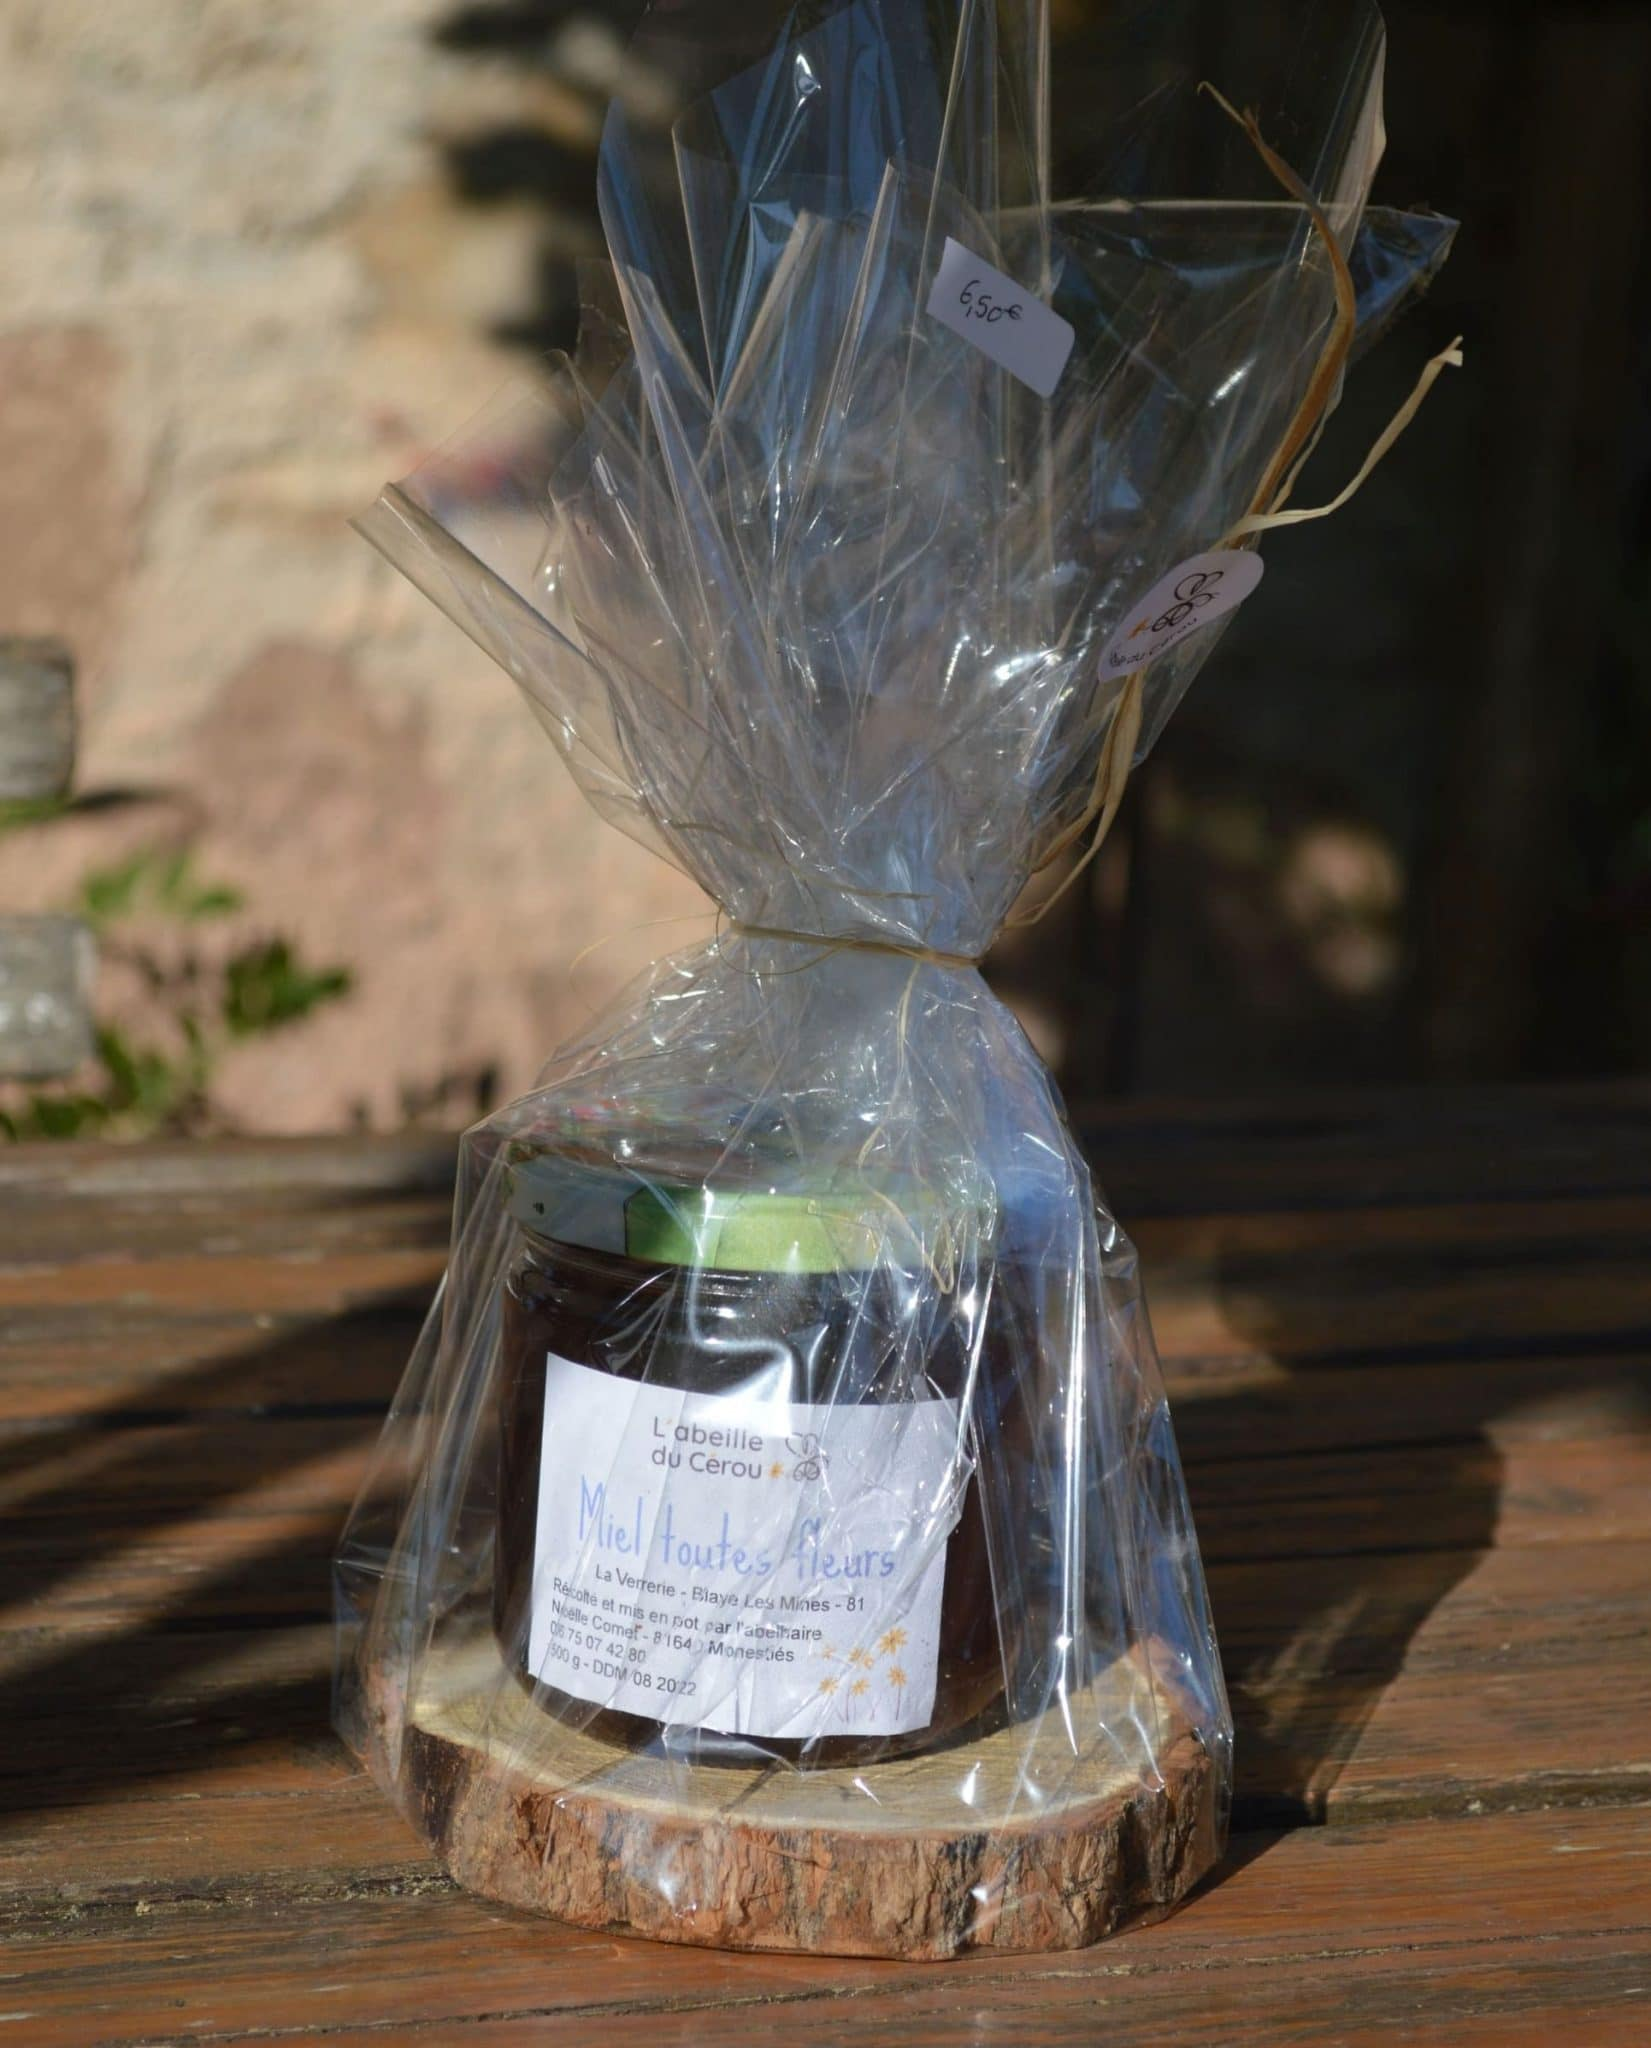 Pot de miel toutes fleurs500 grammes embalé